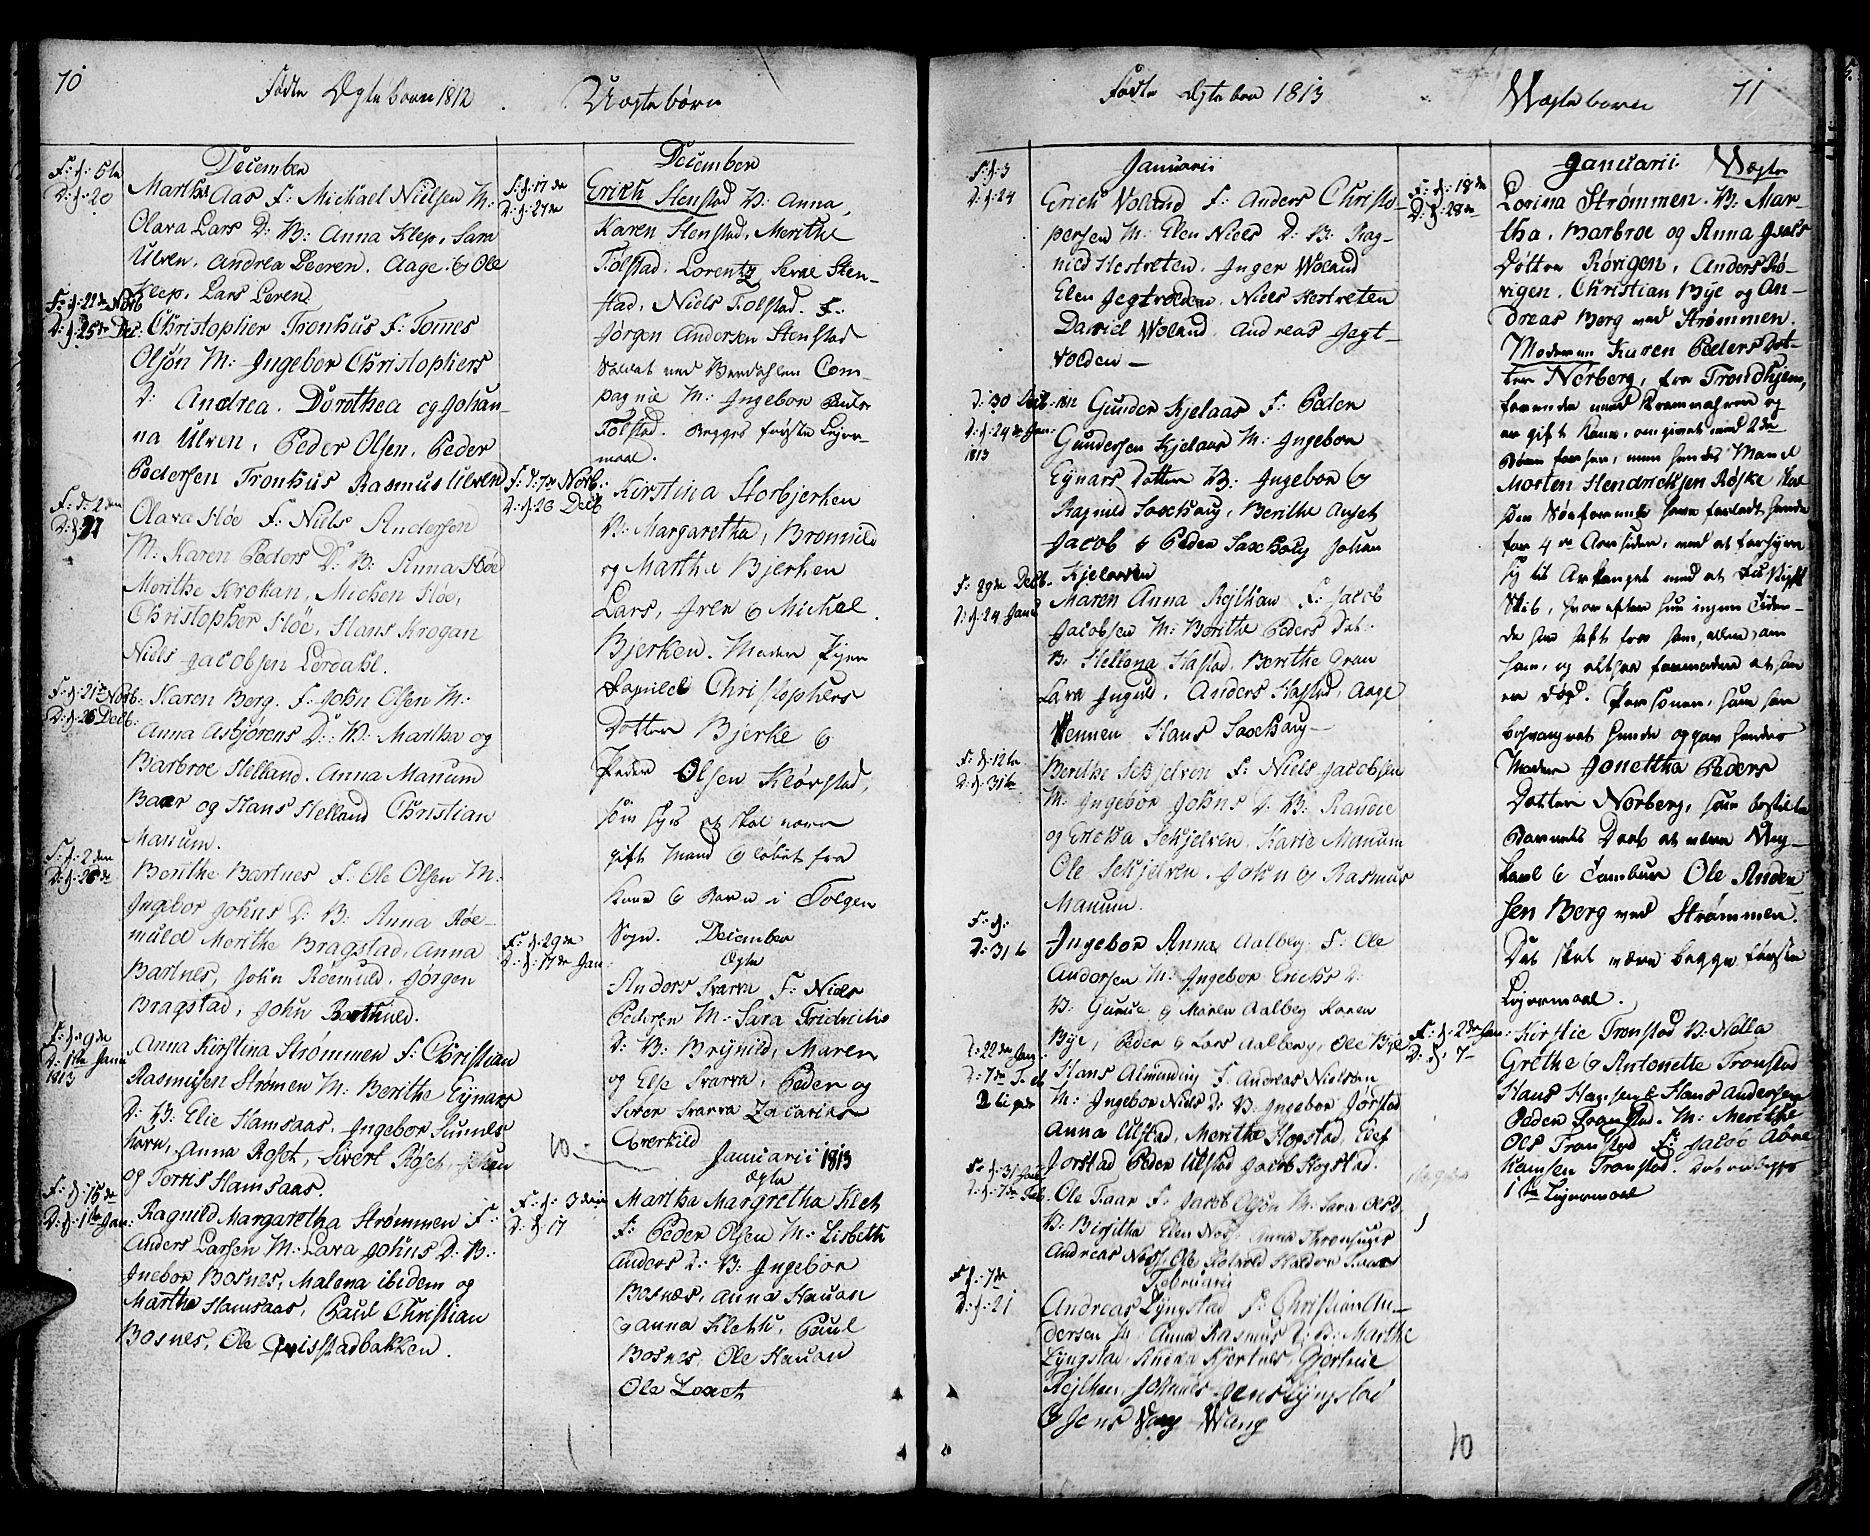 SAT, Ministerialprotokoller, klokkerbøker og fødselsregistre - Nord-Trøndelag, 730/L0274: Ministerialbok nr. 730A03, 1802-1816, s. 70-71